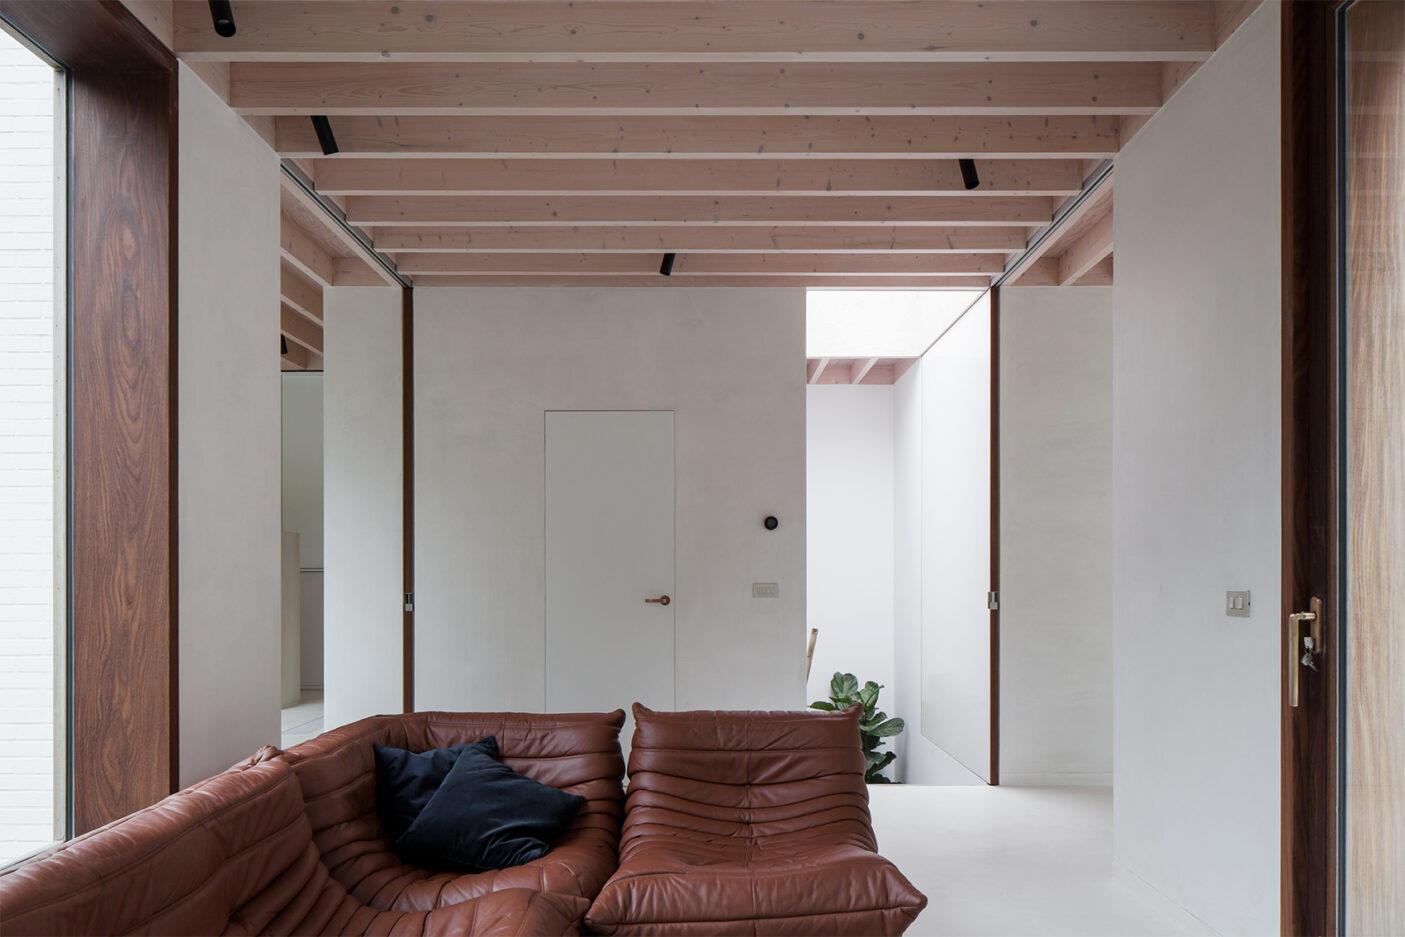 House-For-LD-23.jpg